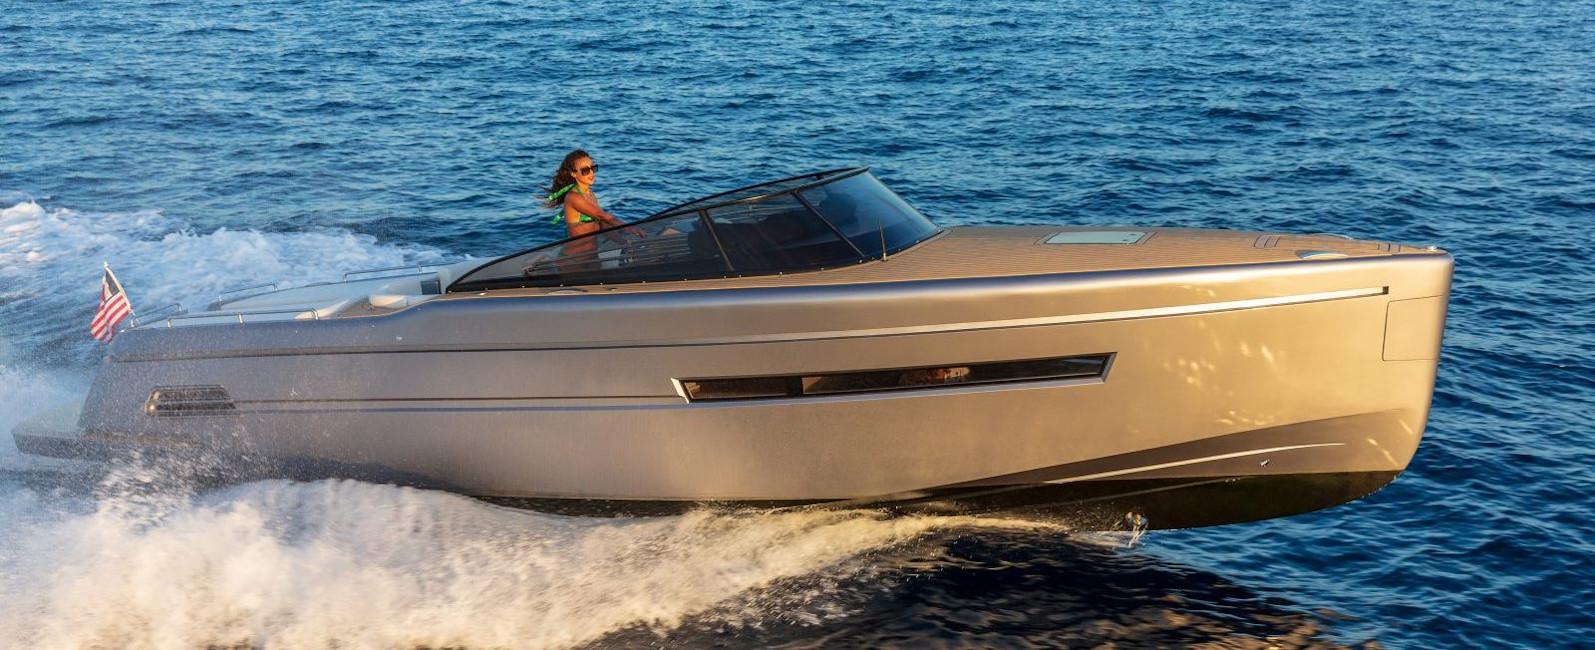 Canard Yachts